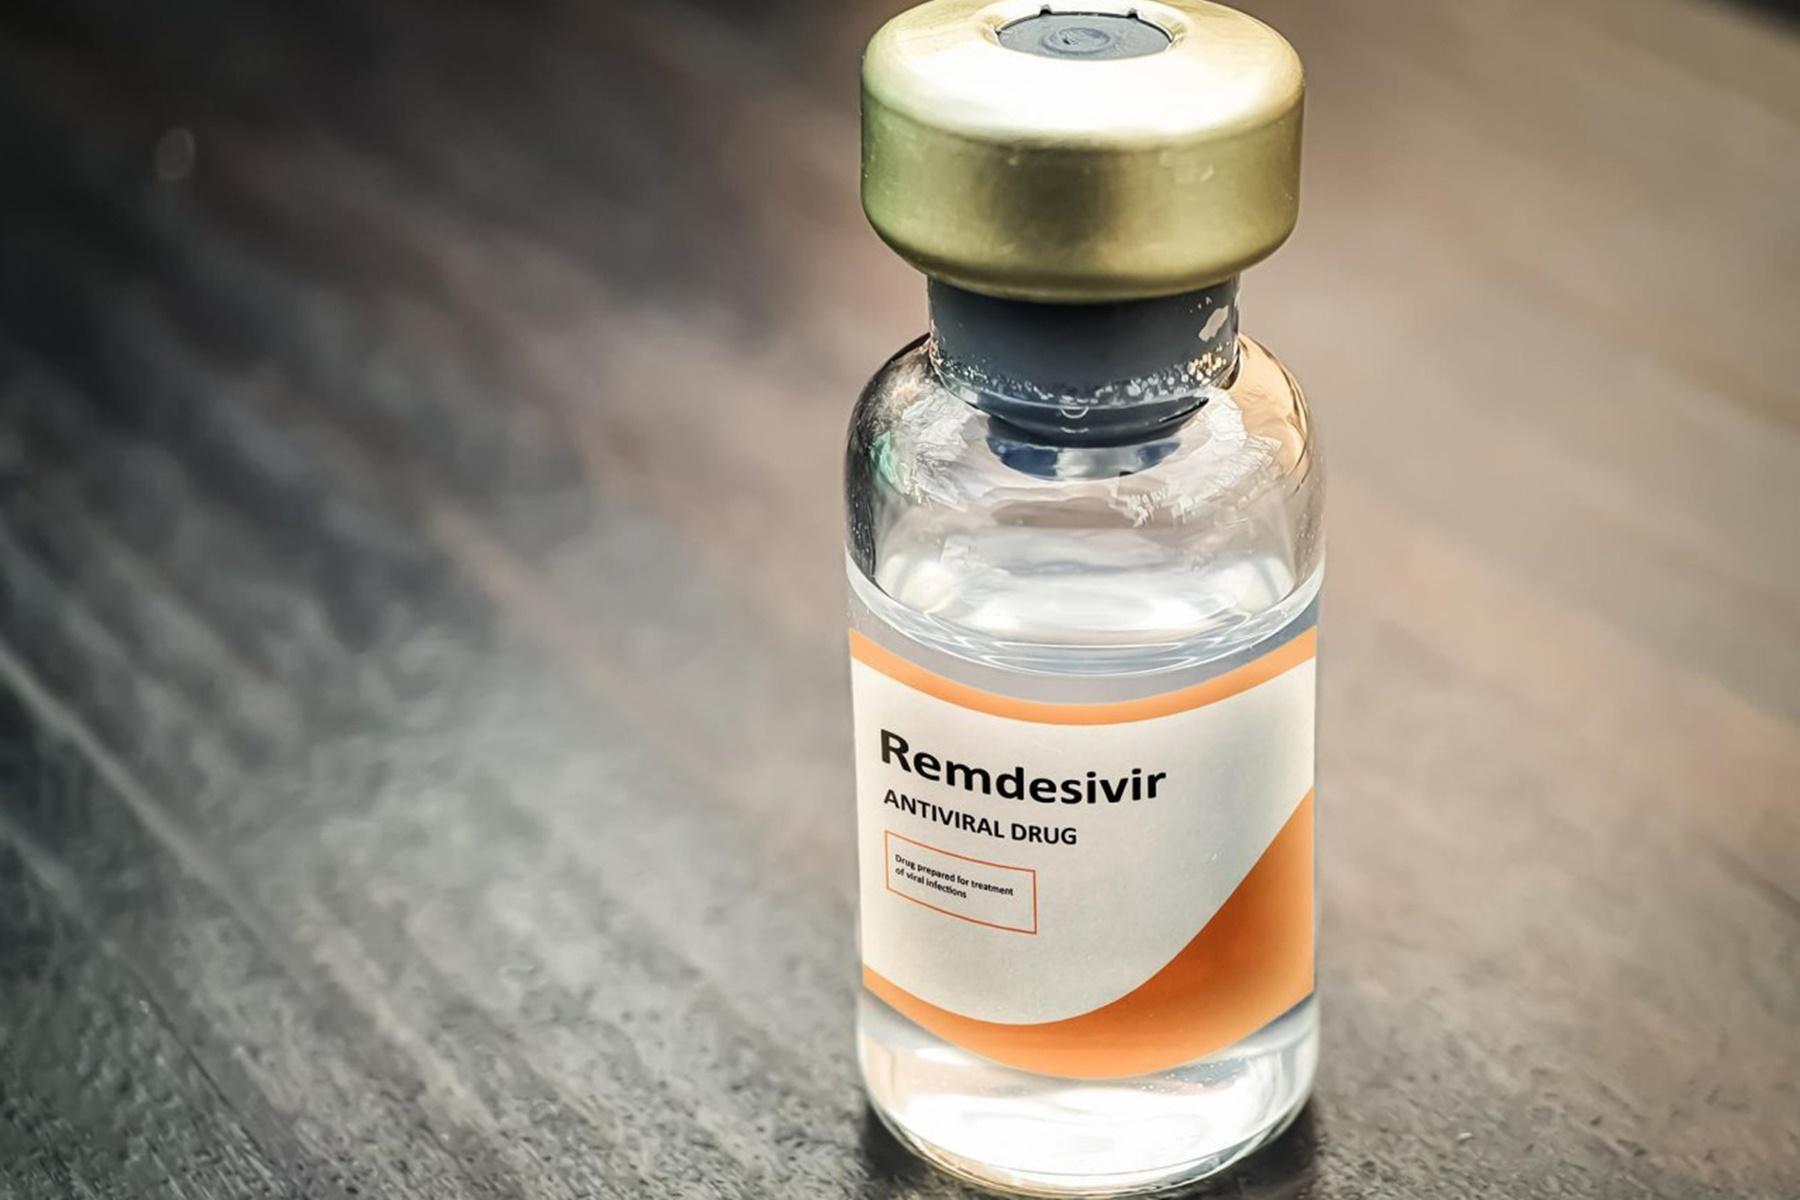 ΣΟΚ από τον Παγκόσμιο Οργανισμό Υγείας για την αντιμετώπιση του κορονοϊού: Απέτυχαν και οι 4 θεραπείες